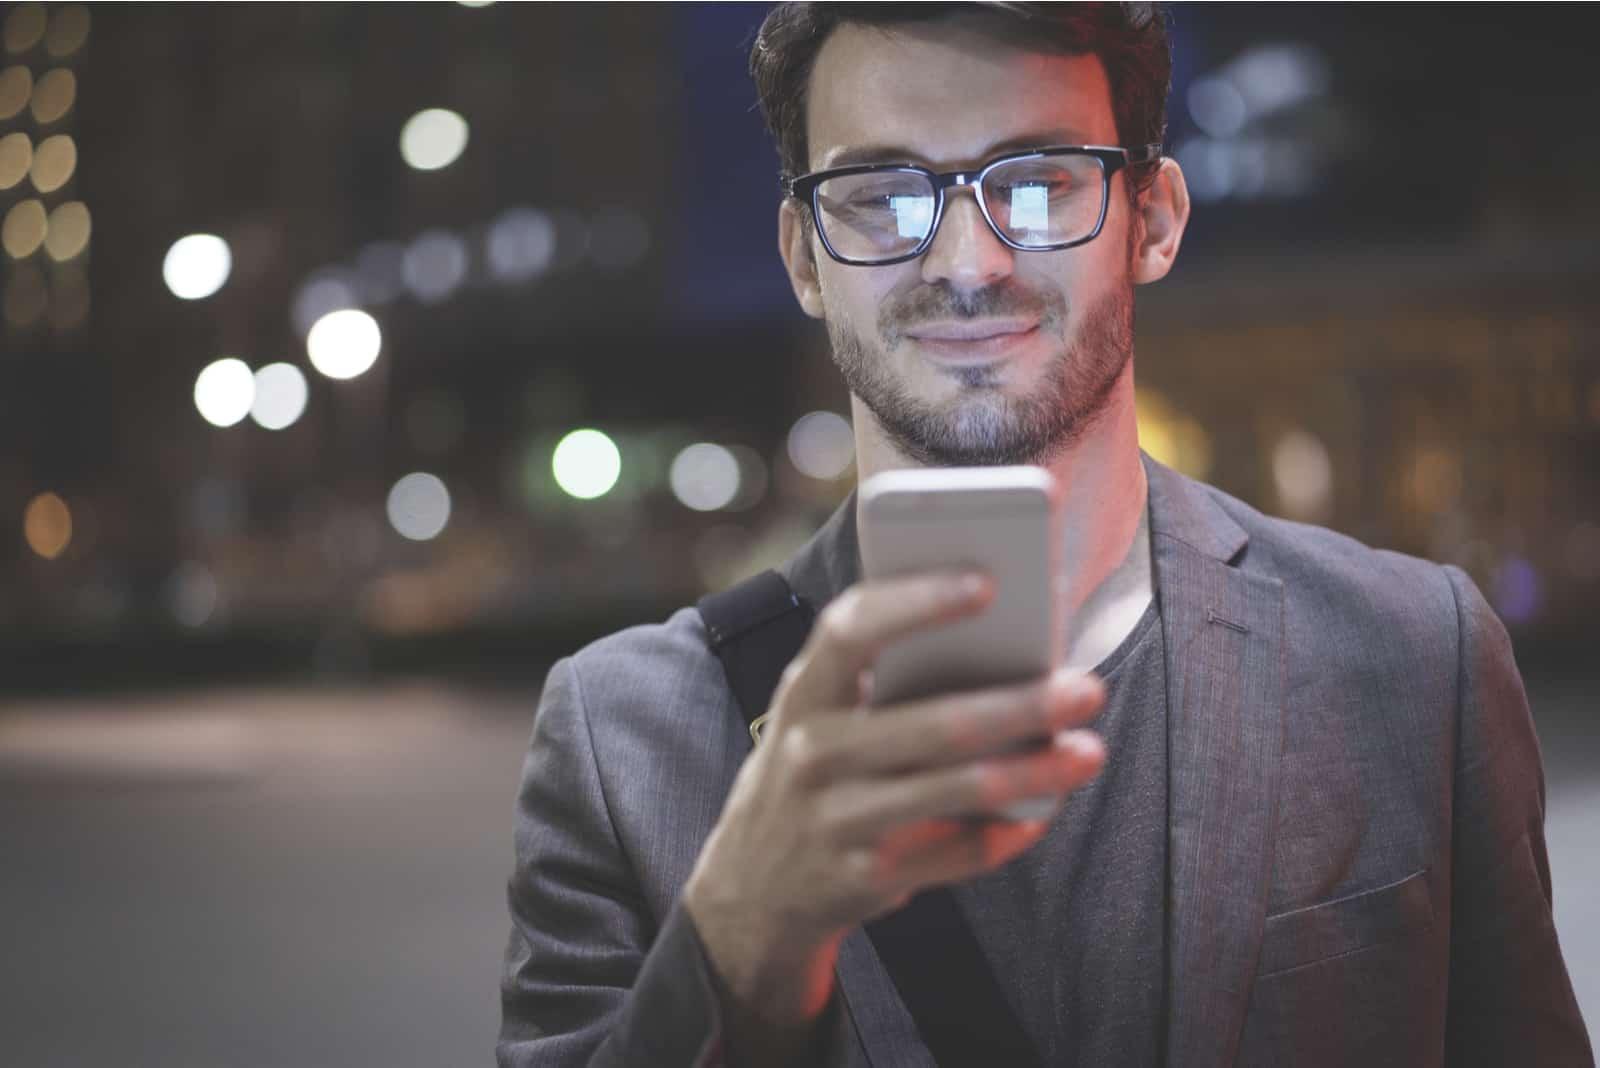 un homme avec un bouton de lunettes sur le téléphone